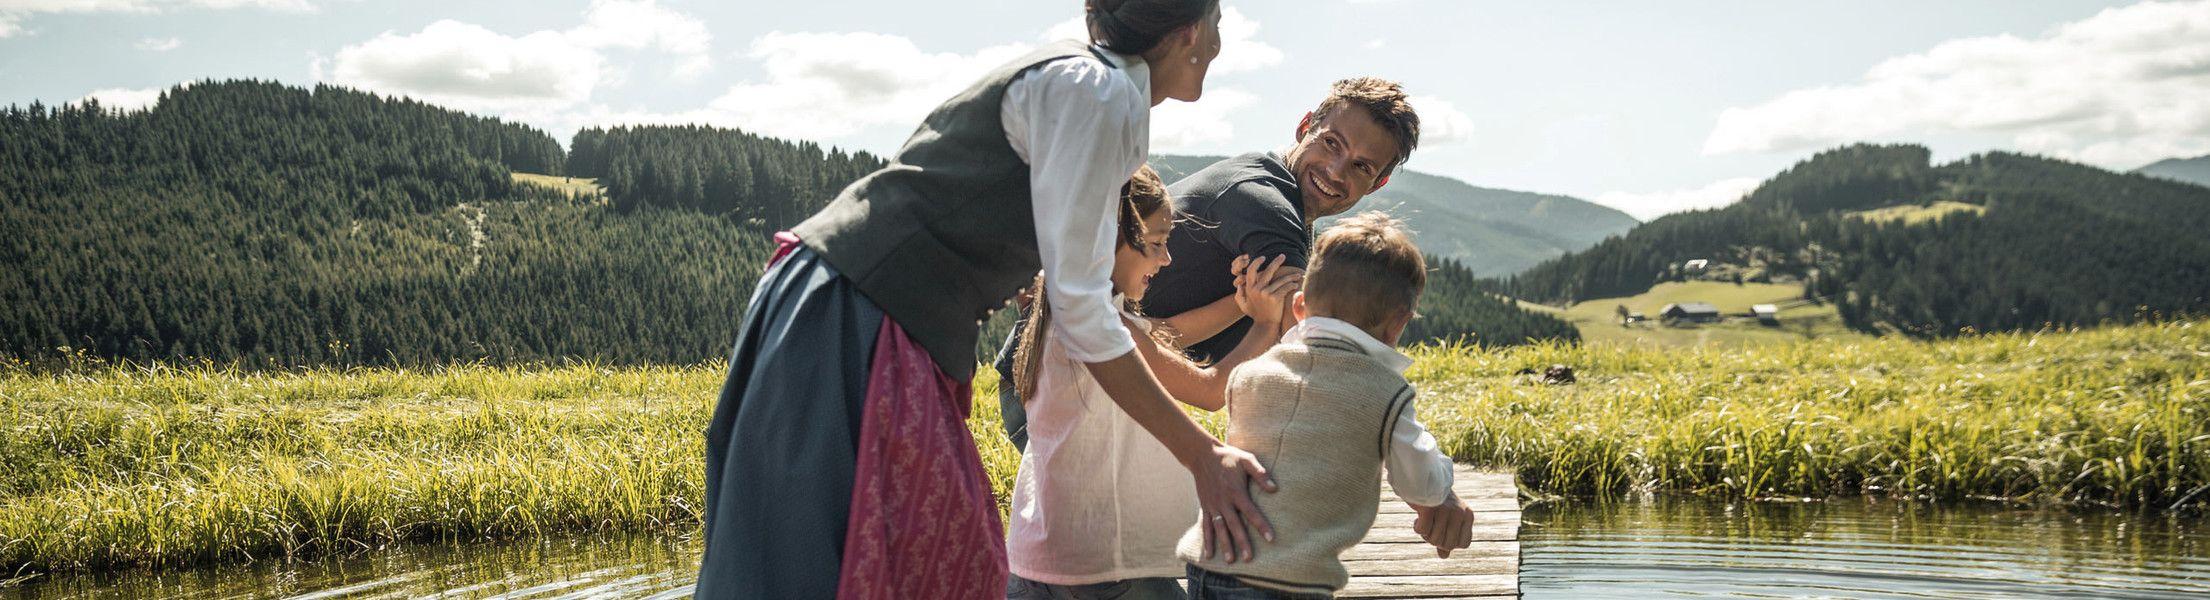 Familie rennt über Steg am auf See im Lammertal